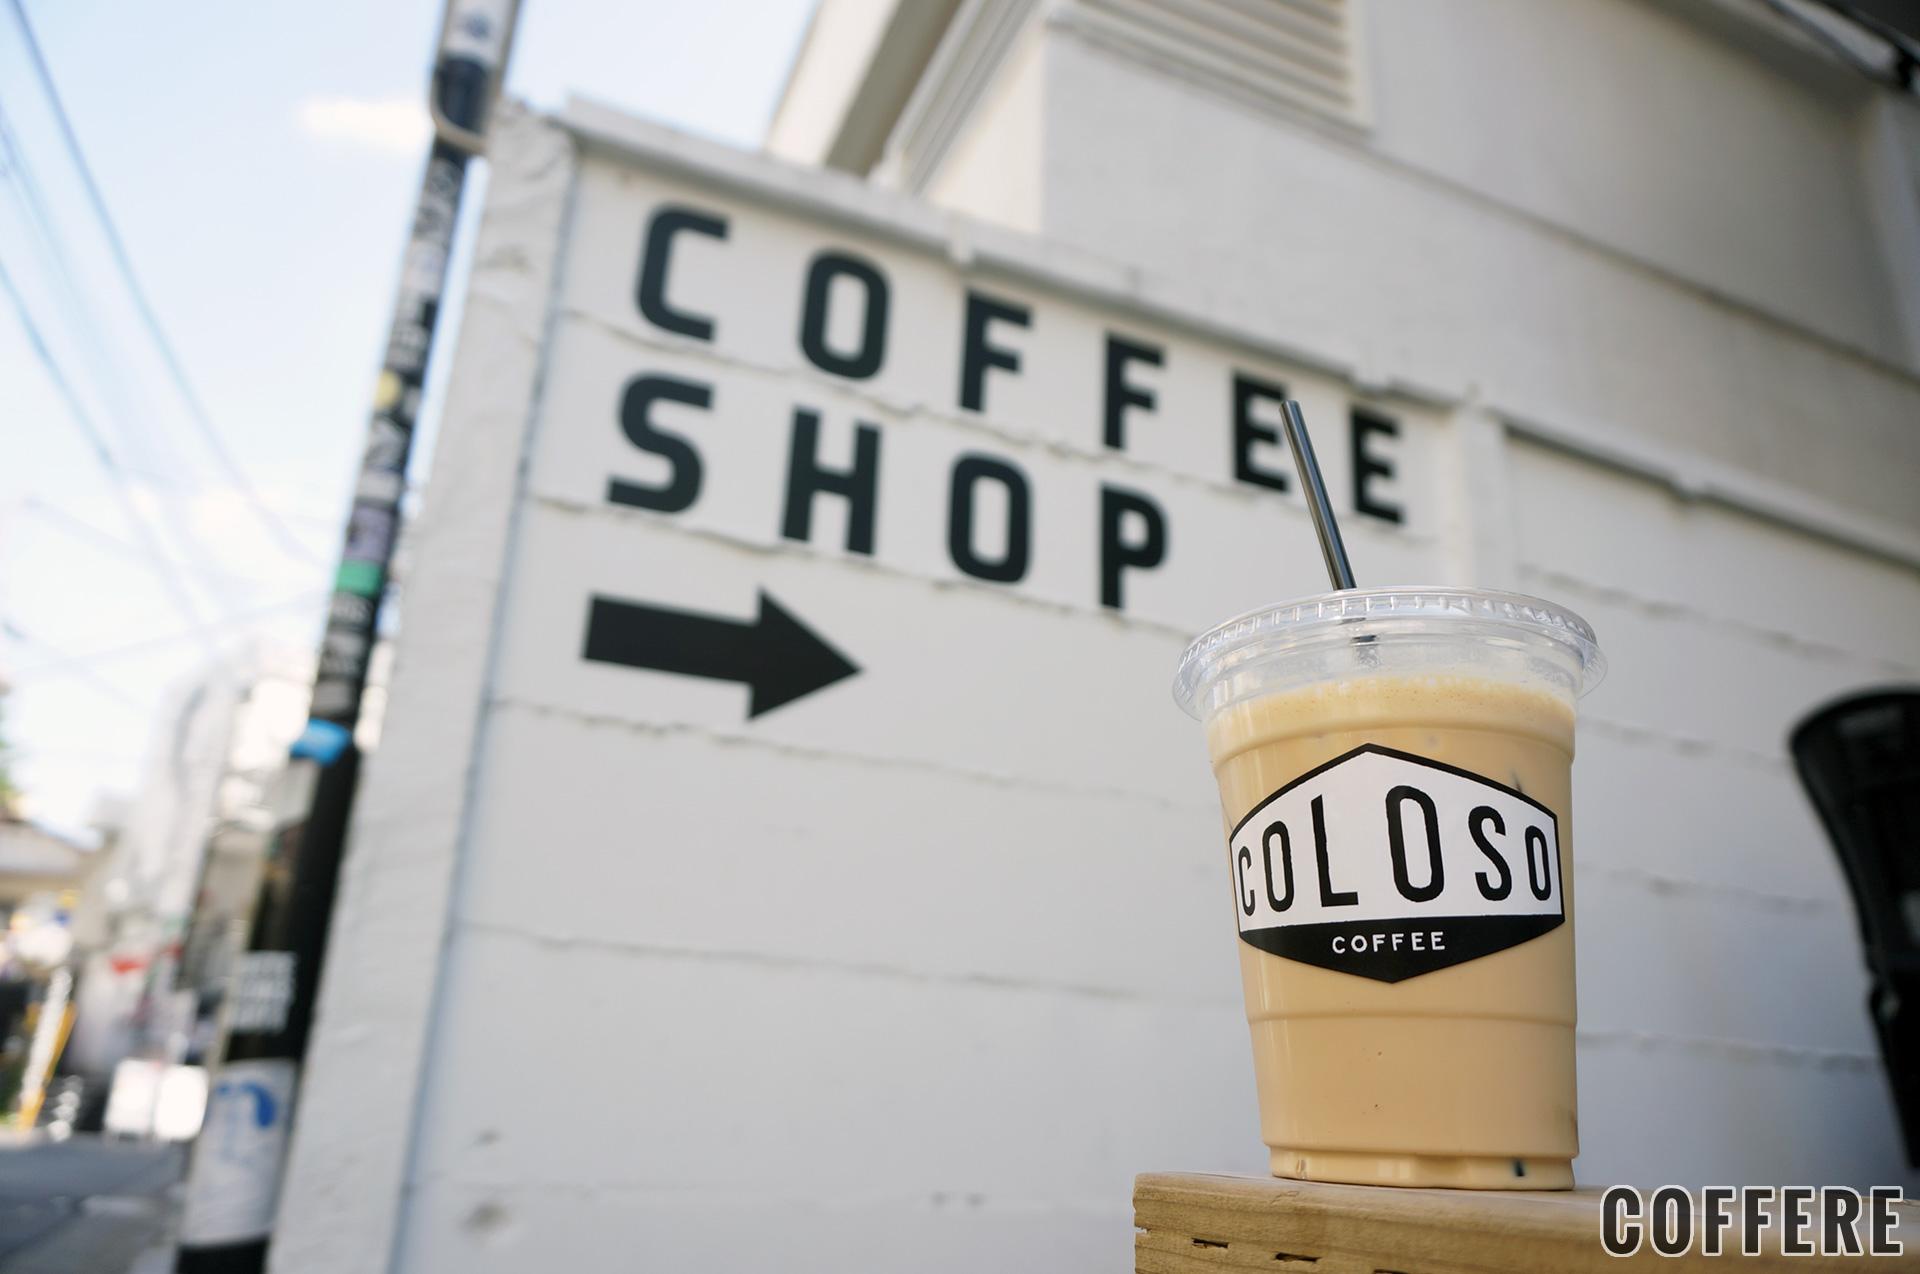 COFFEE SHOPの壁前では撮影している人も多い